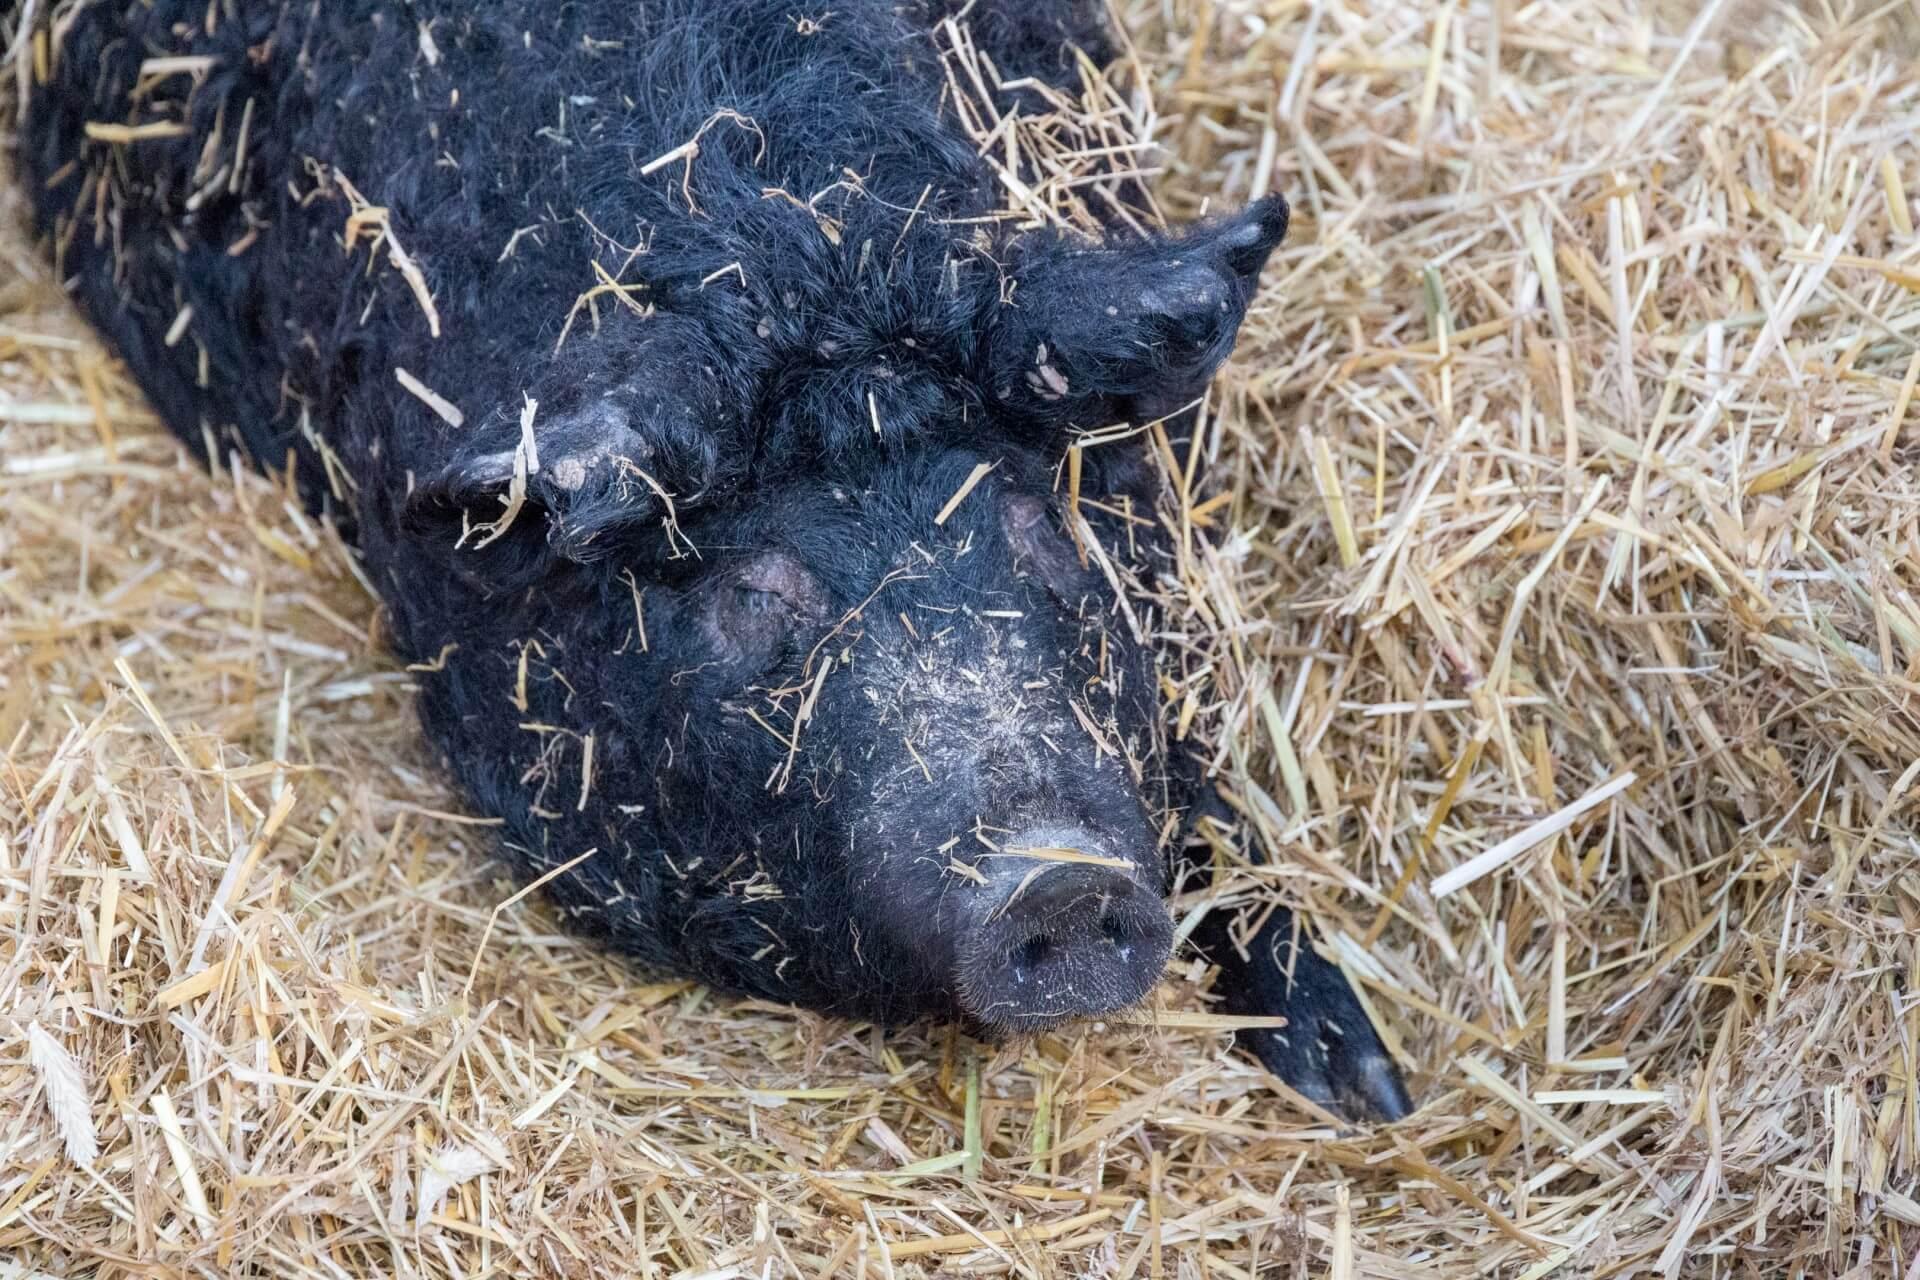 Schwarzes Wollschwein (Fekete Mangalica)